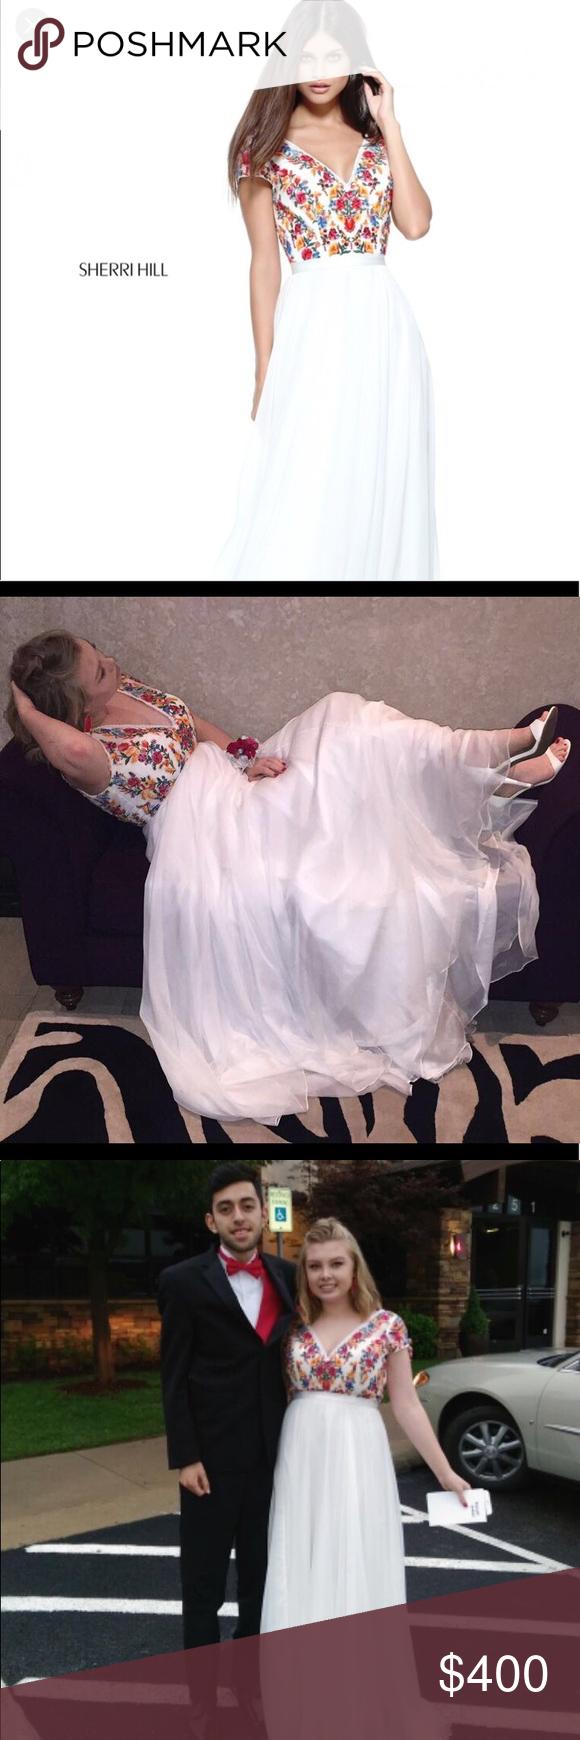 Sherri hill prom dress sherri hill prom dresses sherri hill white